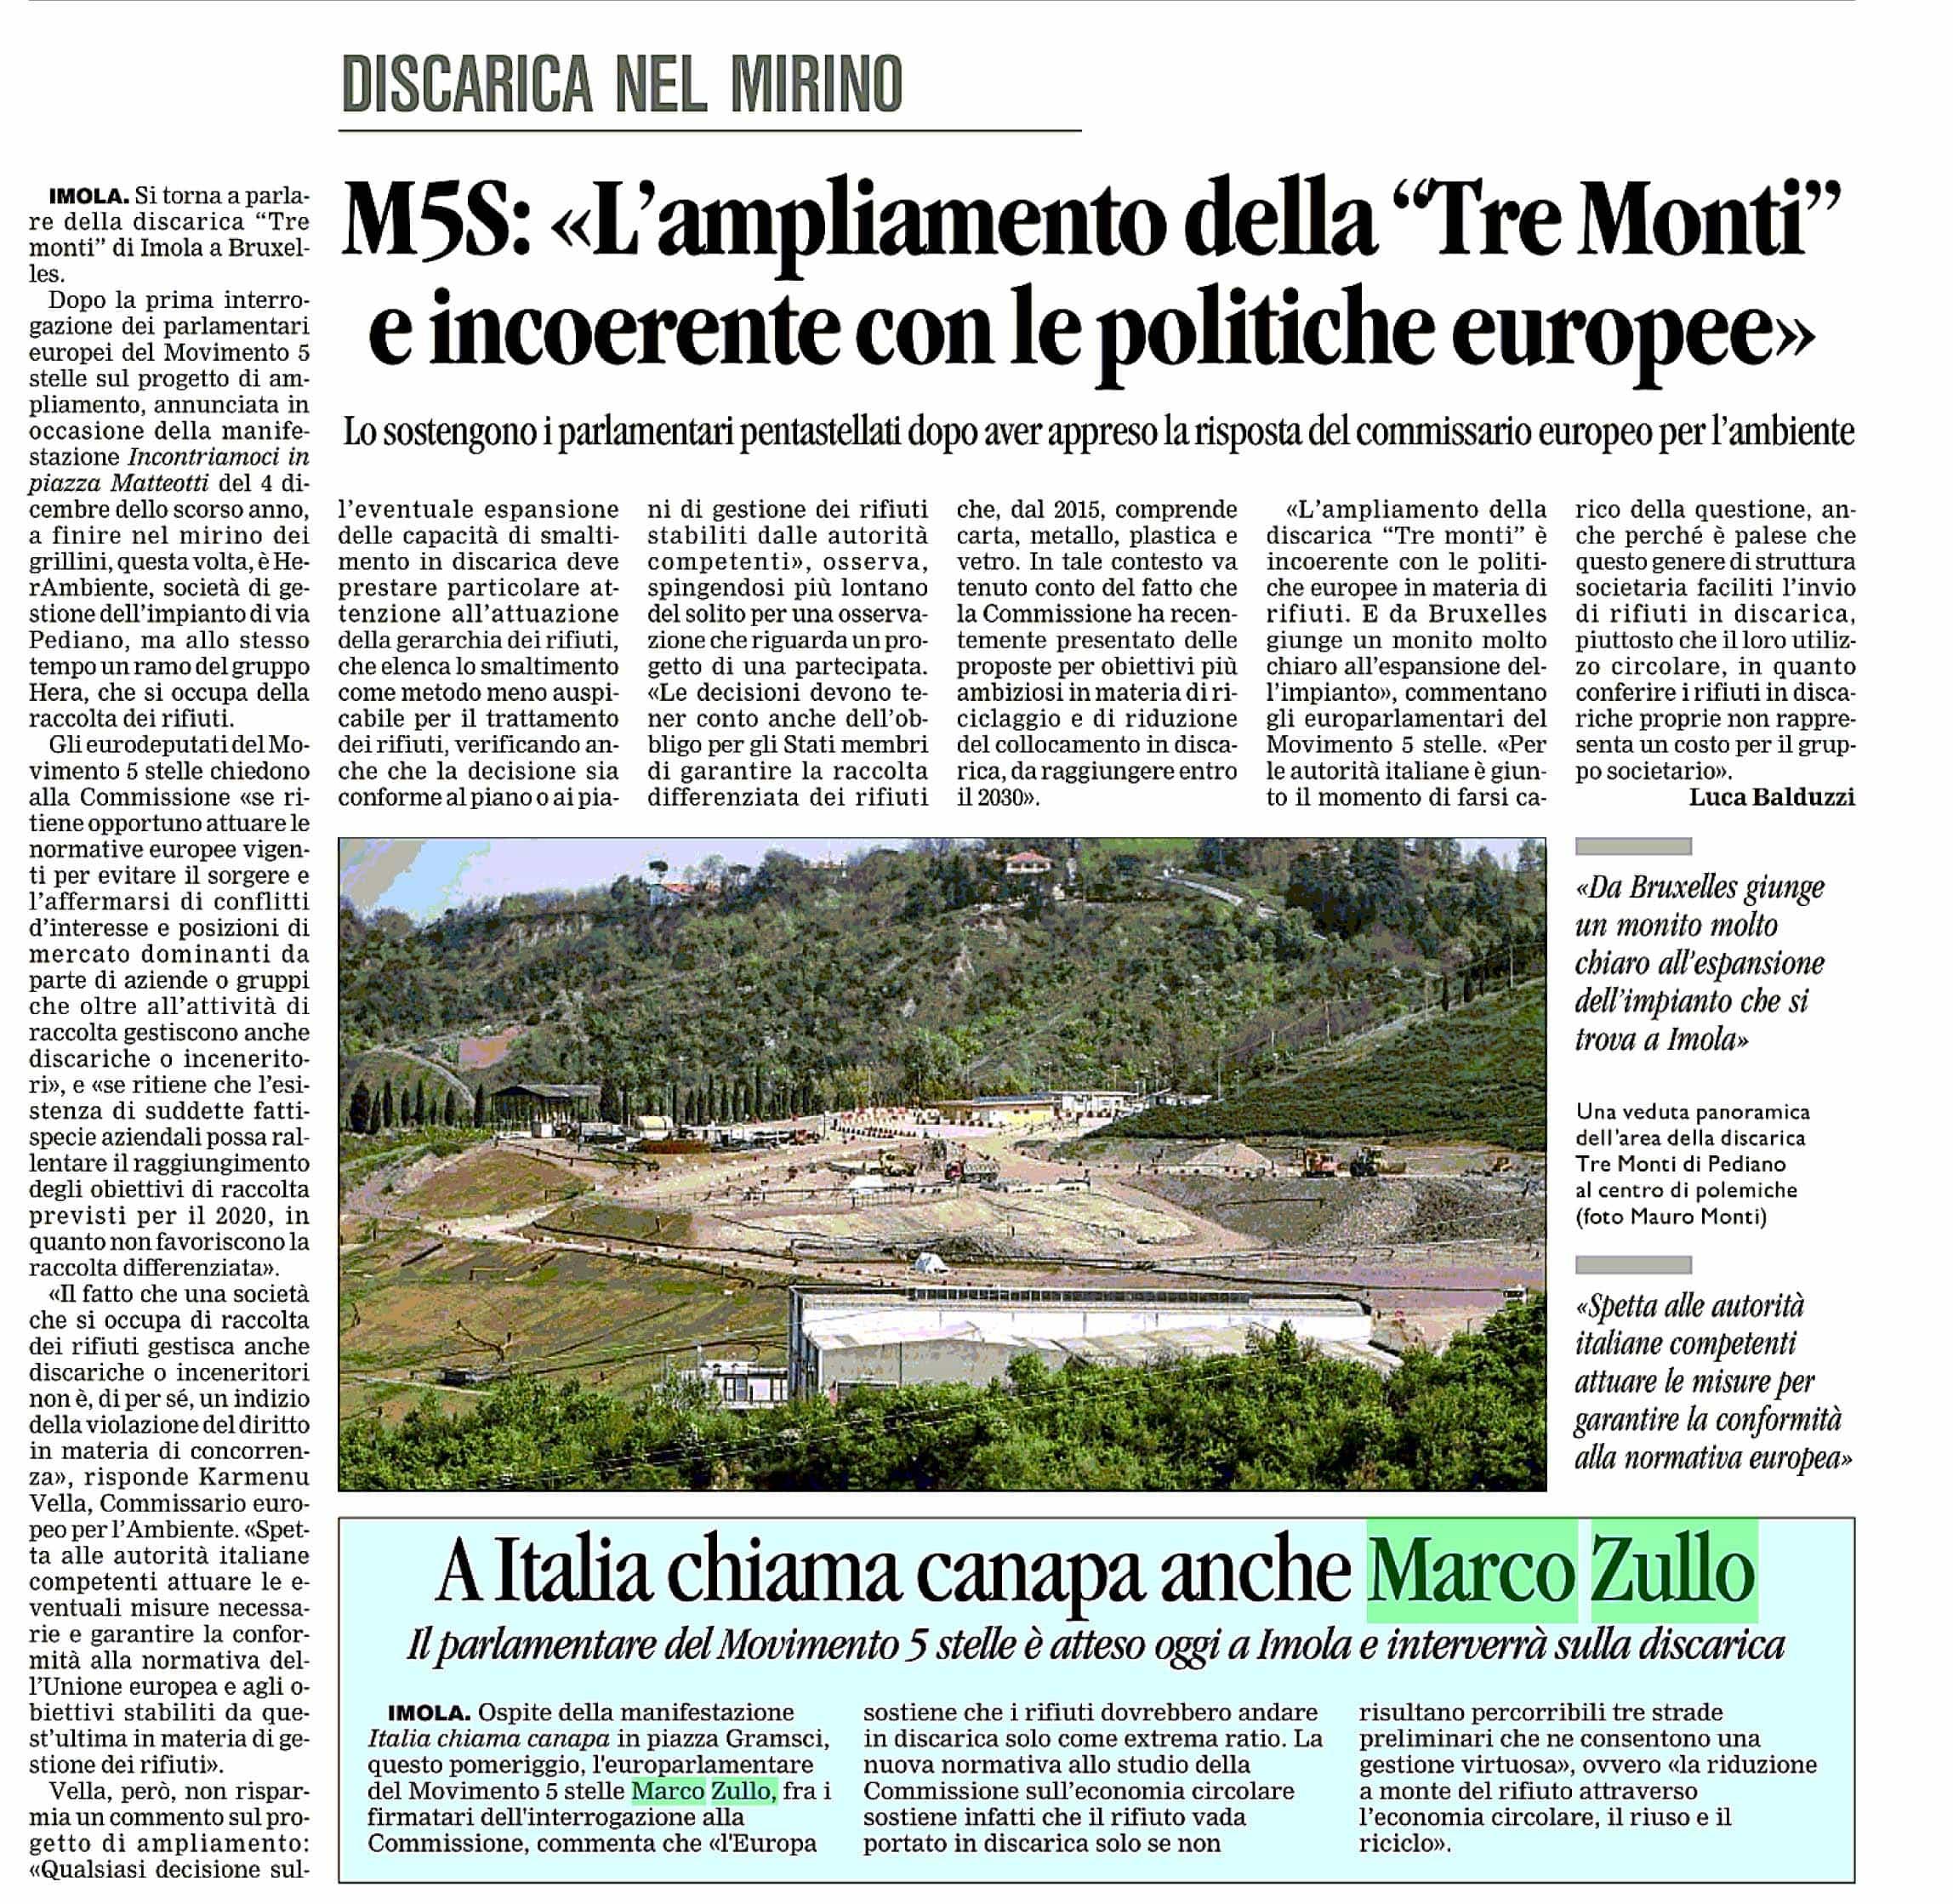 Marco Zullo M5S Europa discarica tre monti imola commissione ue europa corriere romagna